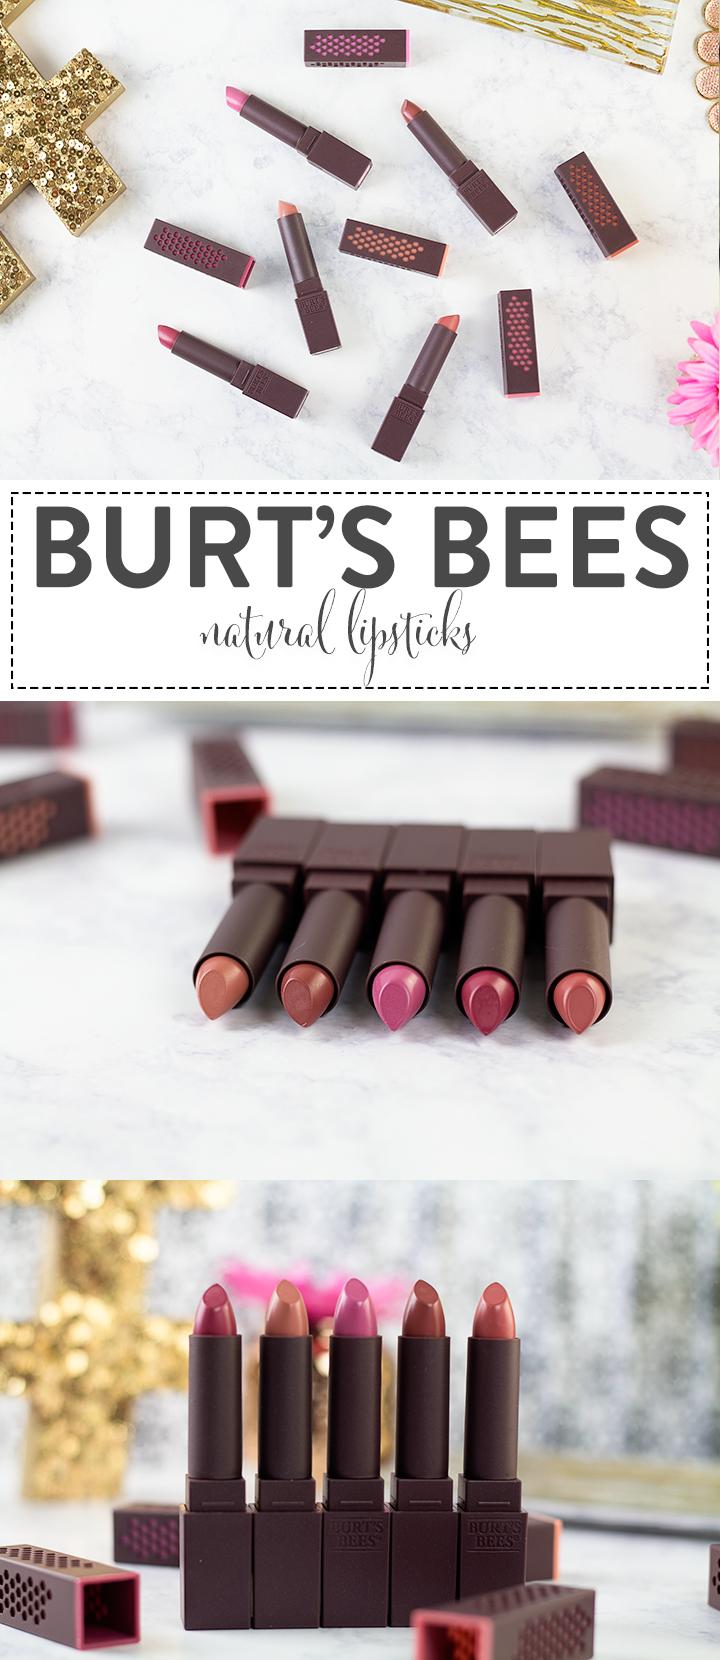 Burt's Bees Lipsticks NEW at Target! #NewFromBurts #ad